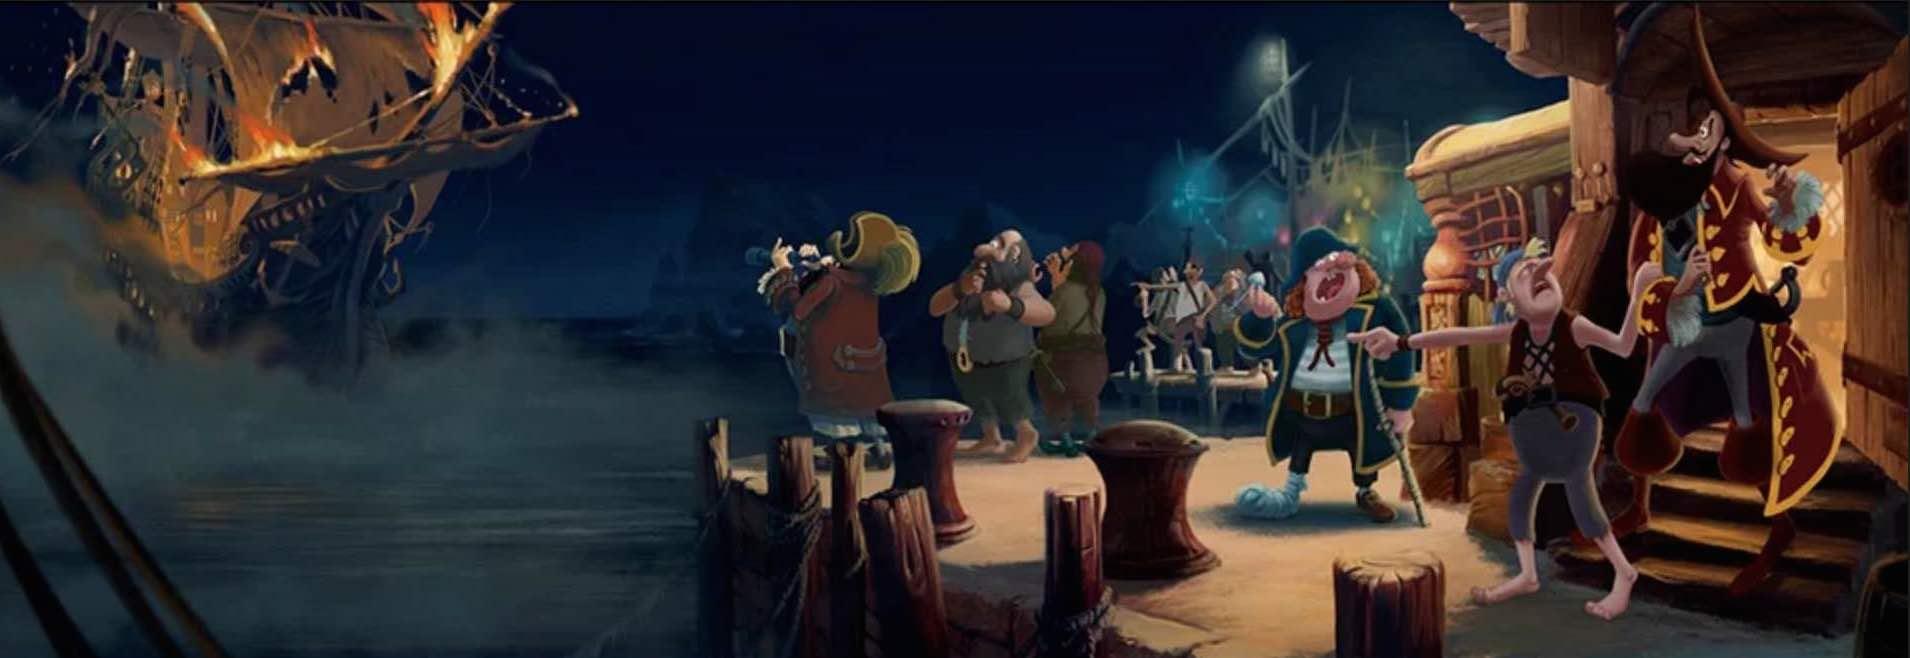 pirates58.jpeg